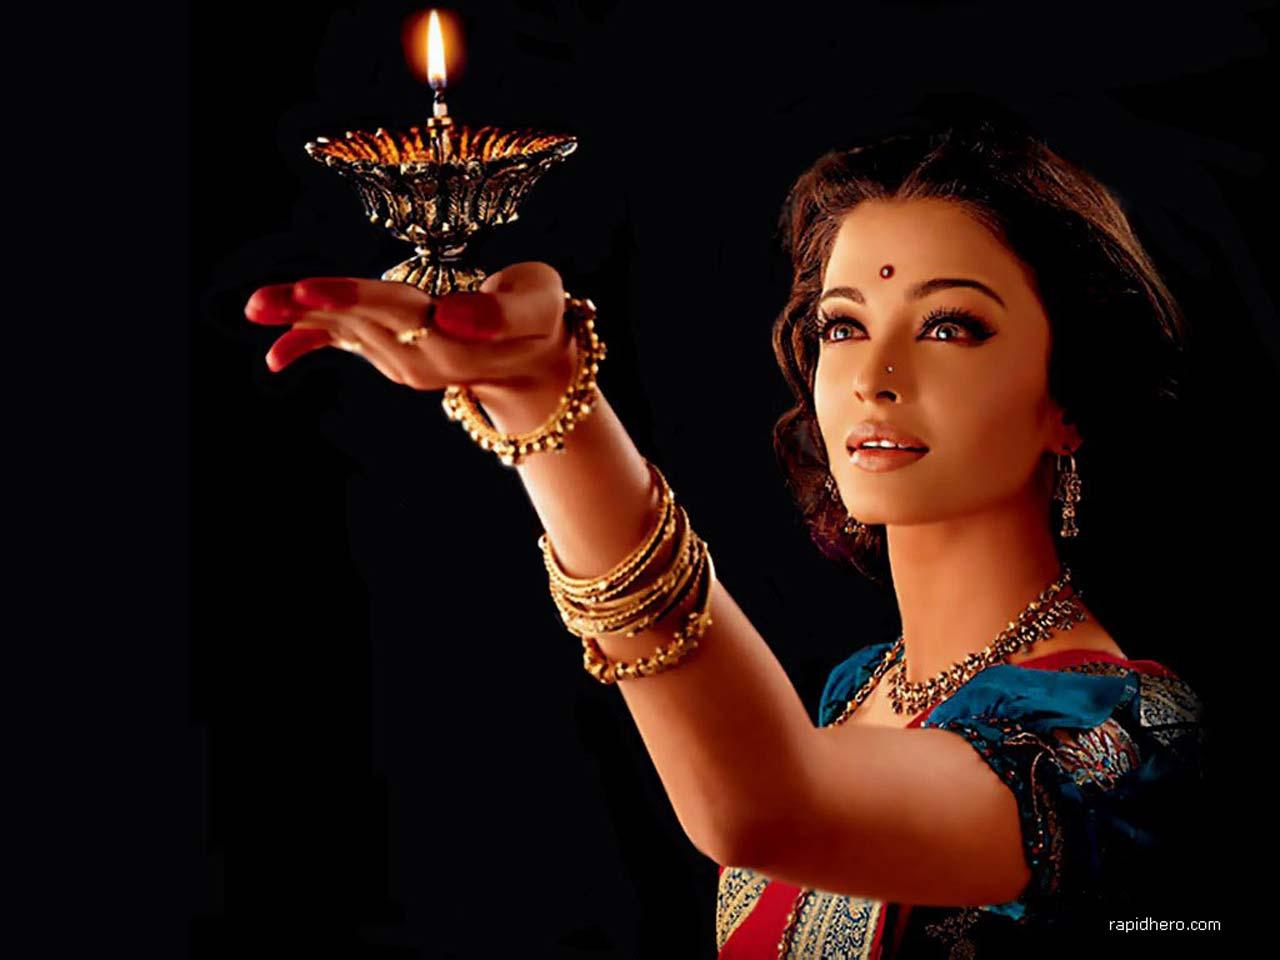 حکومت نے بھارتی فلموں کی درآمد کی اجازت دیدی